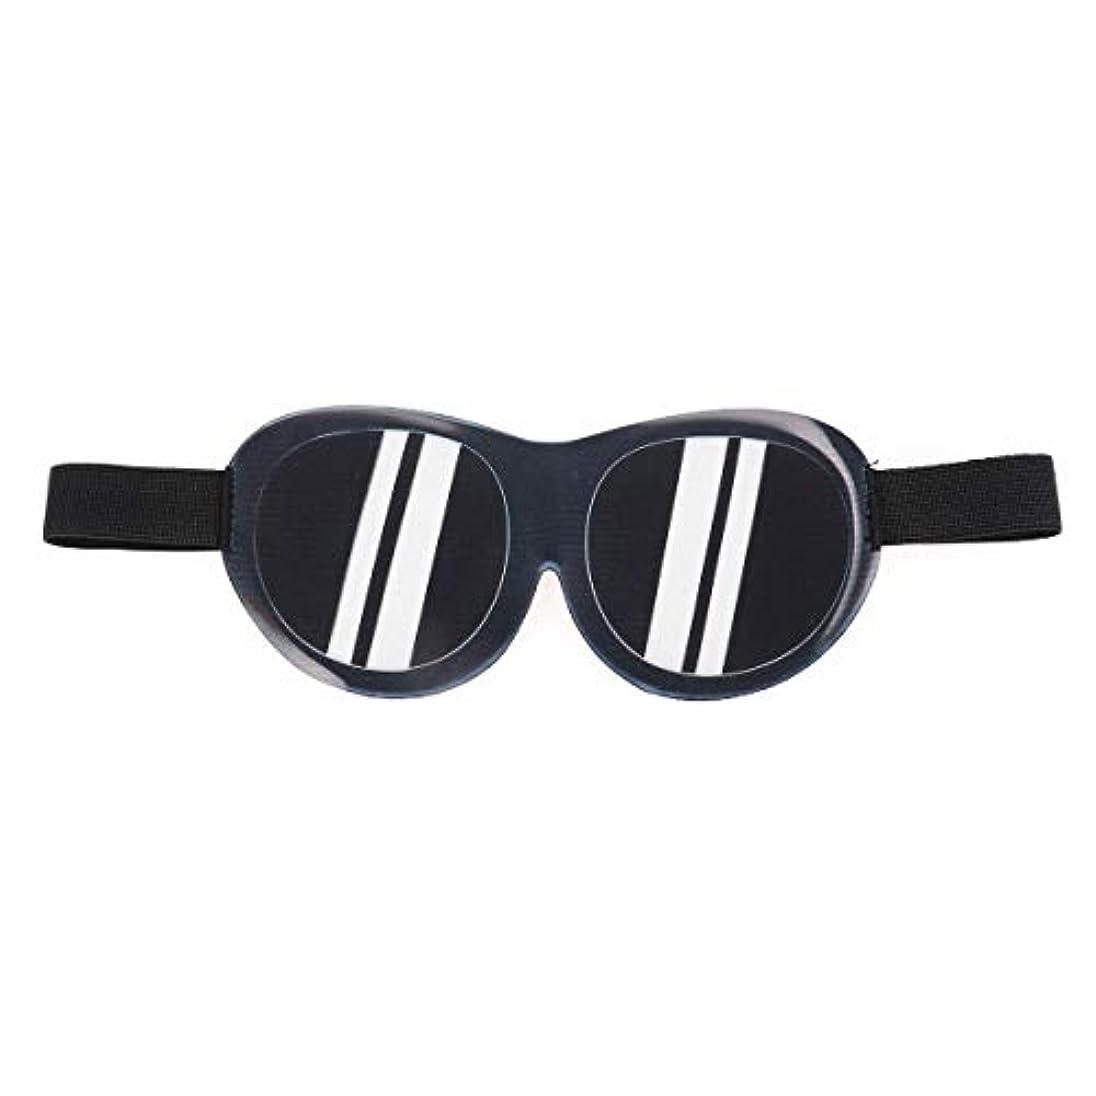 前に群衆アテンダントBeaupretty おかしいアイマスク3Dサングラスアイシェードおかしいなりすましステレオホームスリーパーアイスリープシェード(サングラスを持っているふりをする)